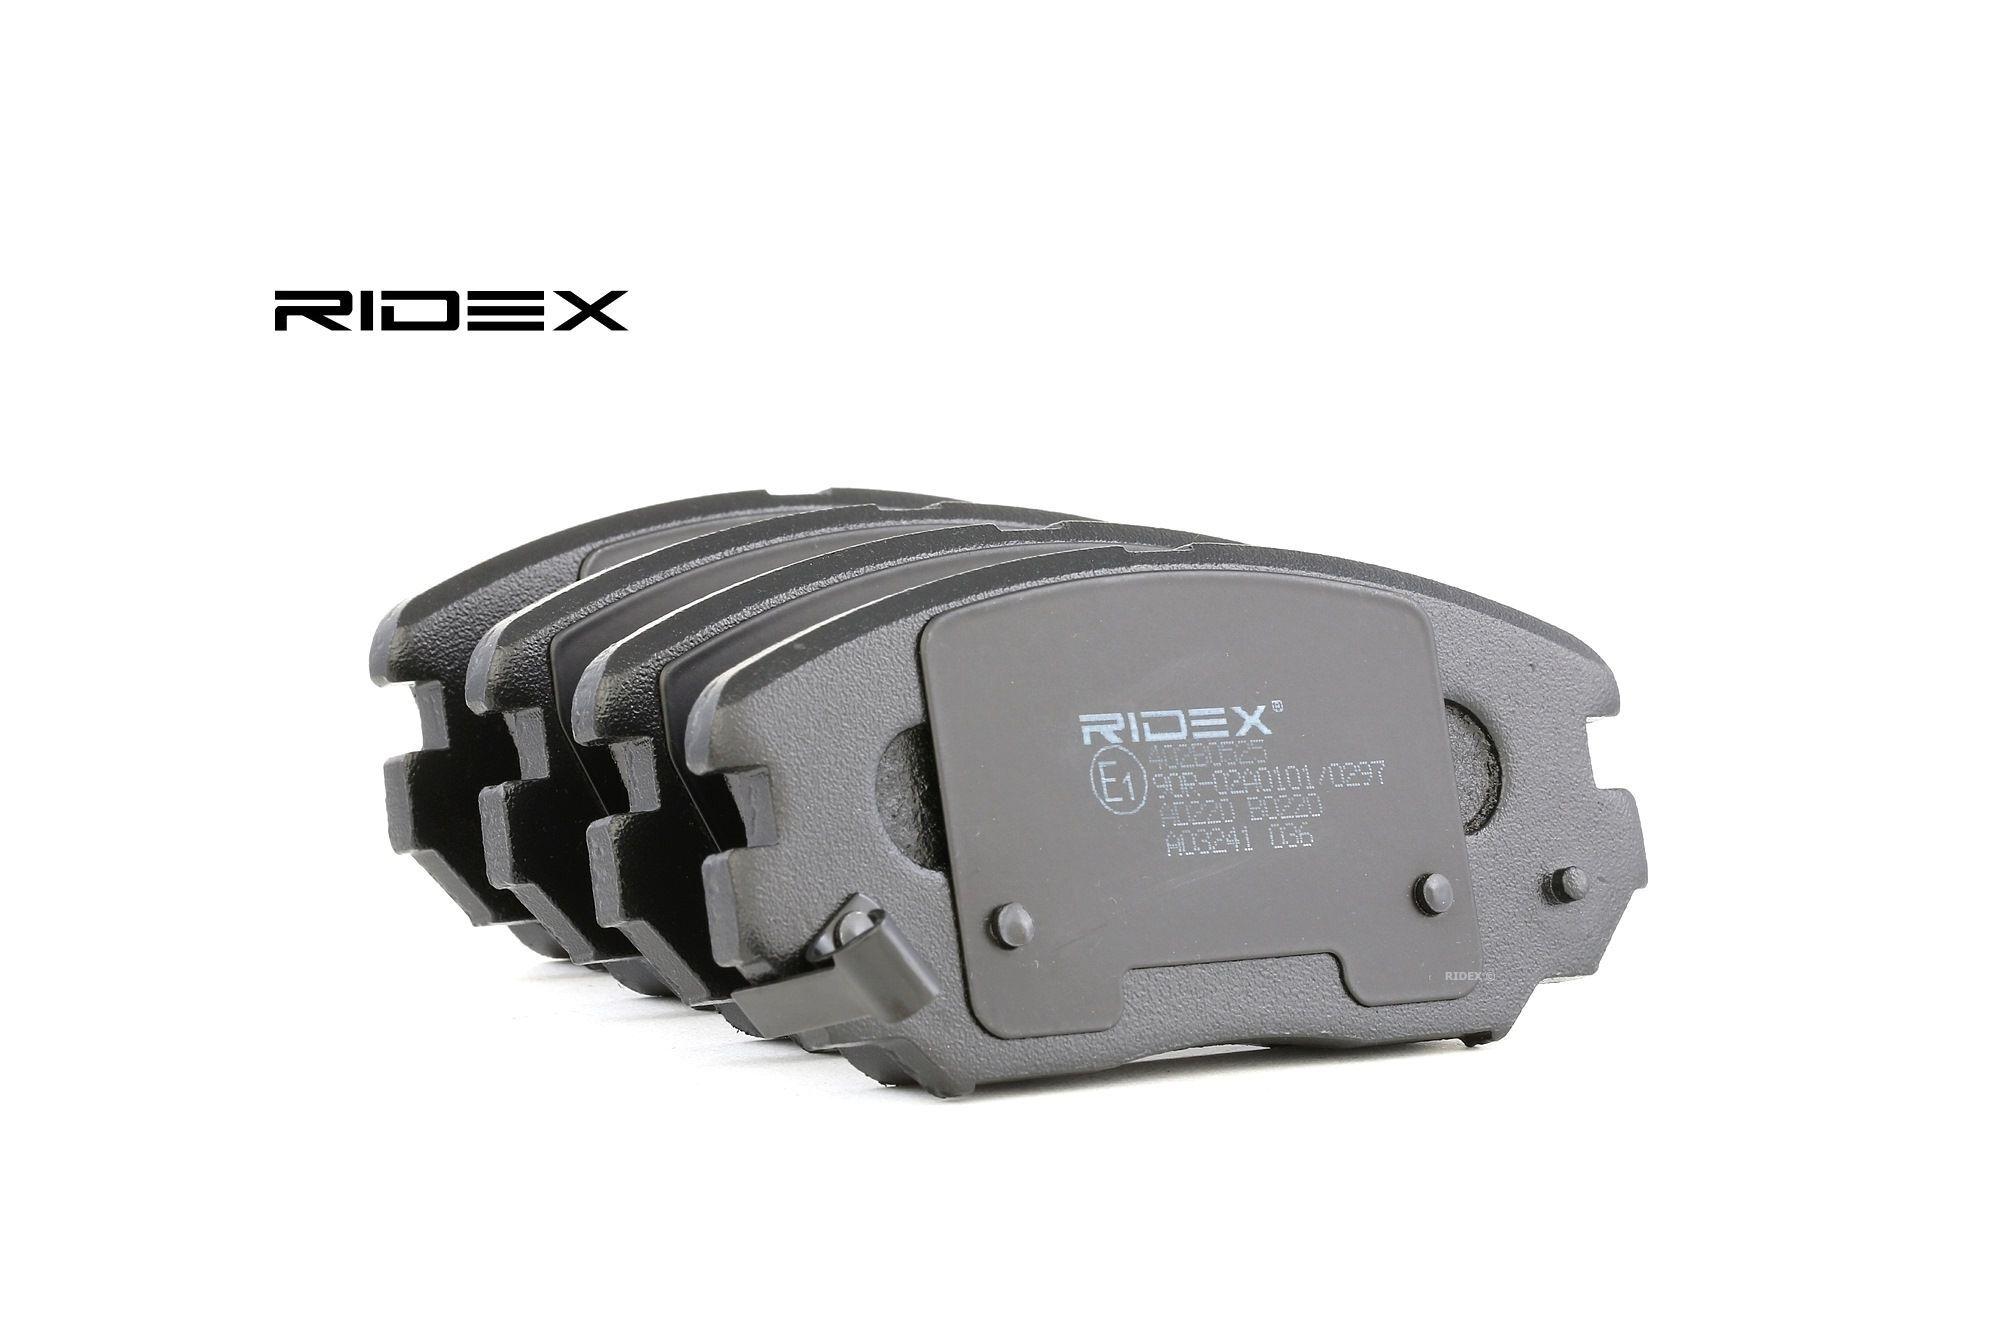 RIDEX Plaquettes De Frein 402B0525 Jeu De Plaquettes De Frein,Jeu de plaquettes de frein, frein à disque HYUNDAI,KIA,TUCSON JM,ix20 JC,SONATA V NF